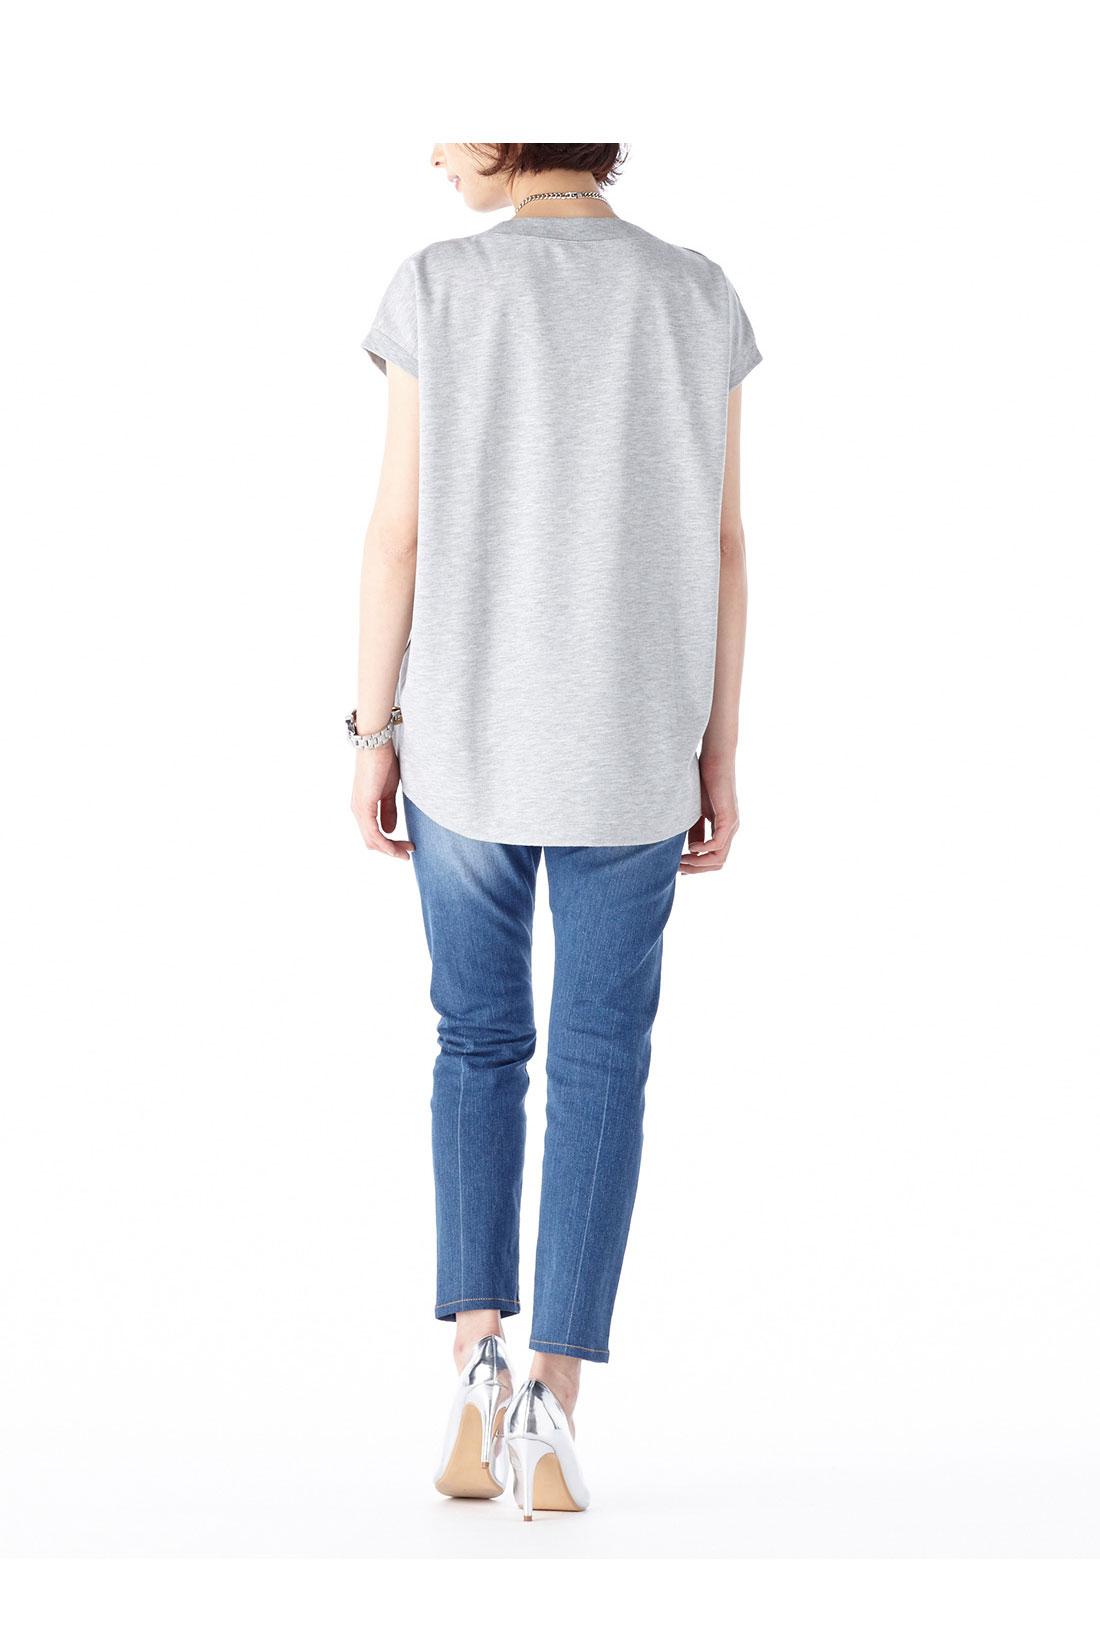 身長:165㎝ 着用サイズ:M ※着用イメージです。お届けするカラーとは異なります。